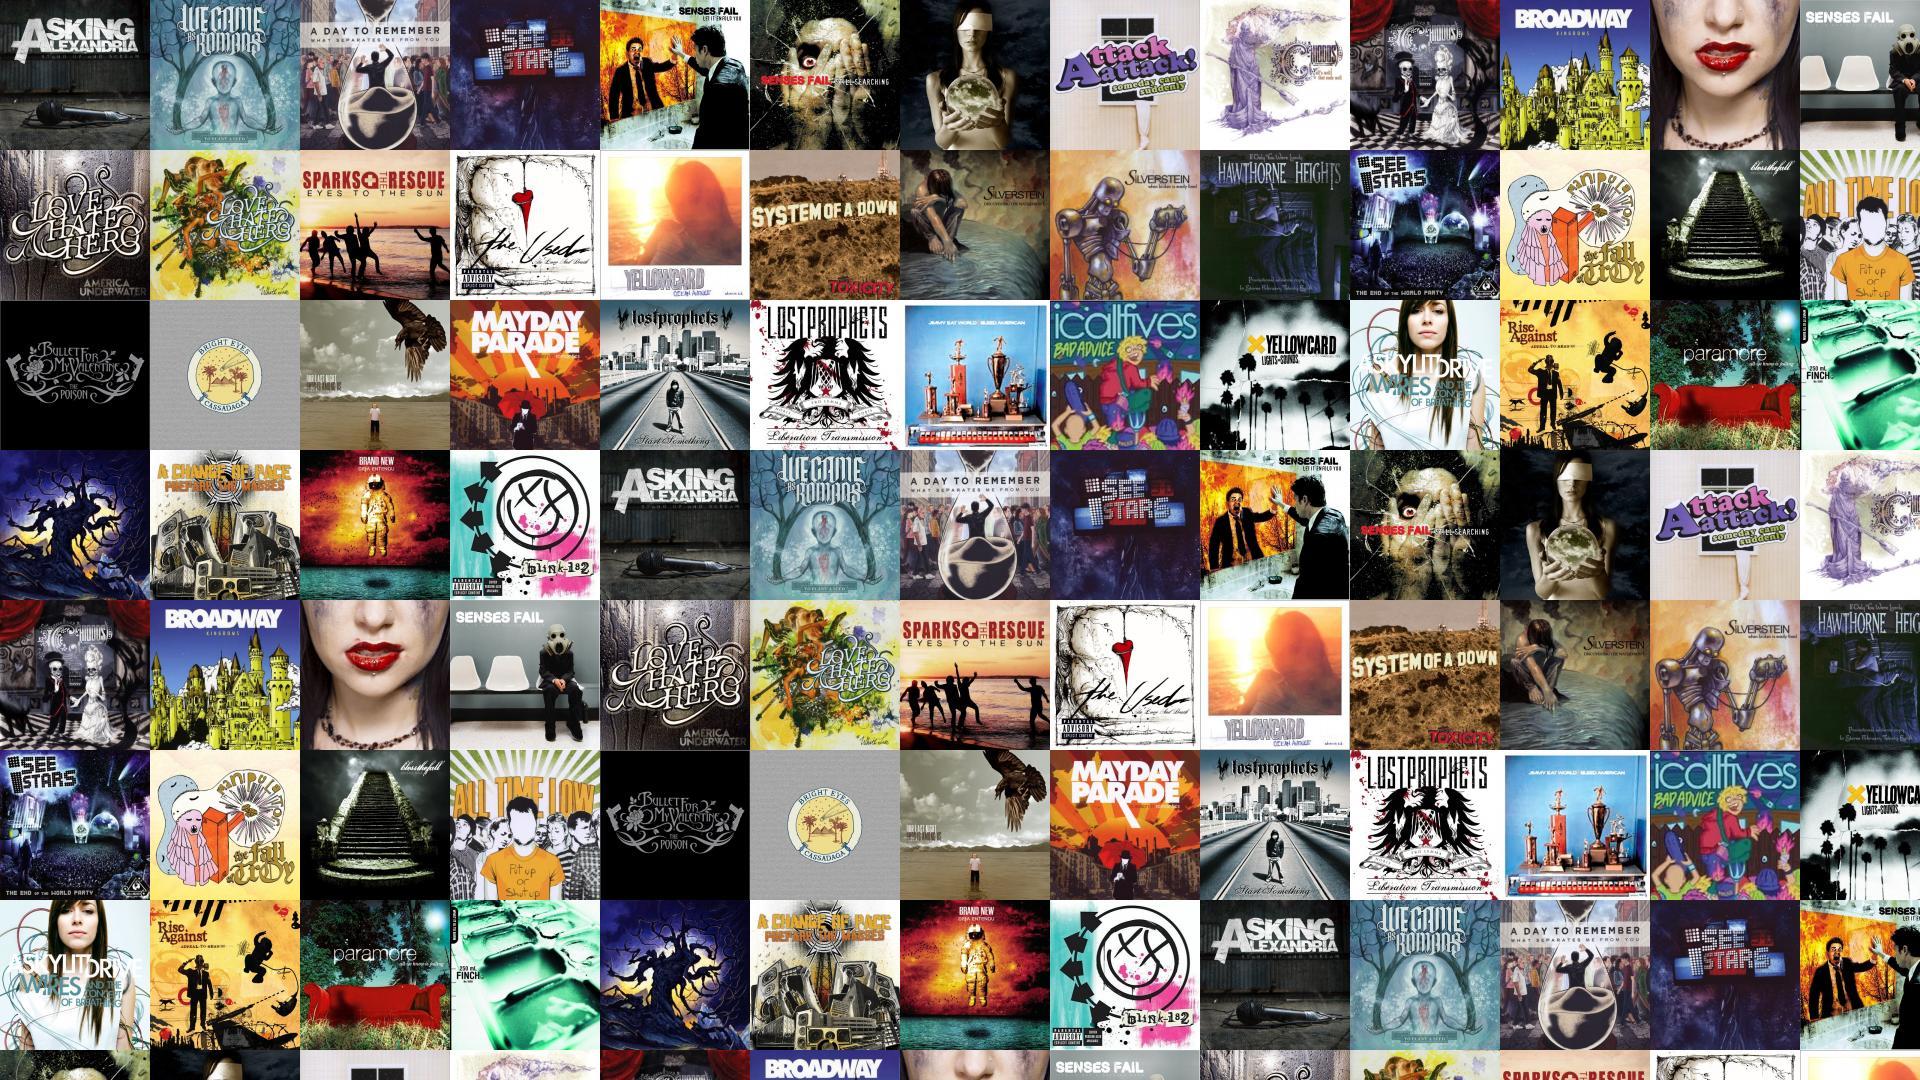 Silverstein rescue free album download